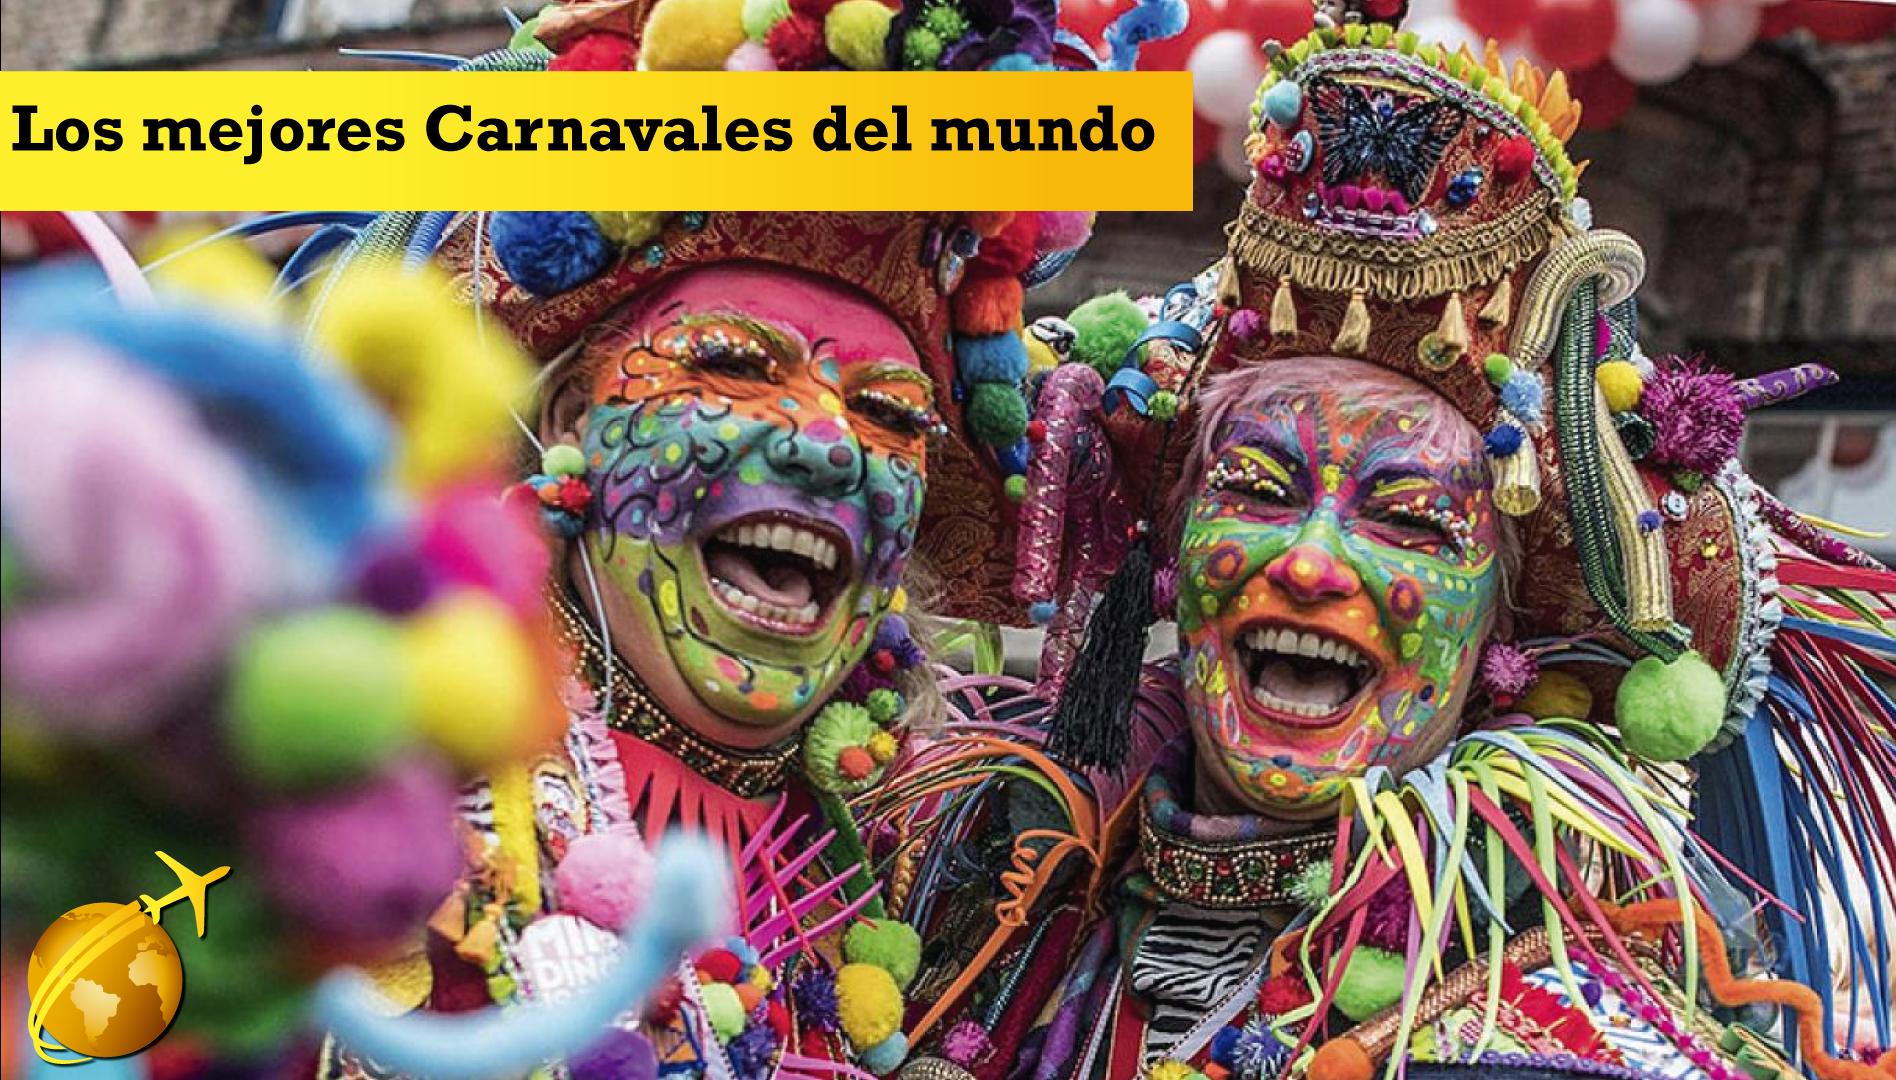 Los Mejores Carnavales Del Mundo Agencia De Viajes - Carnavales-del-mundo